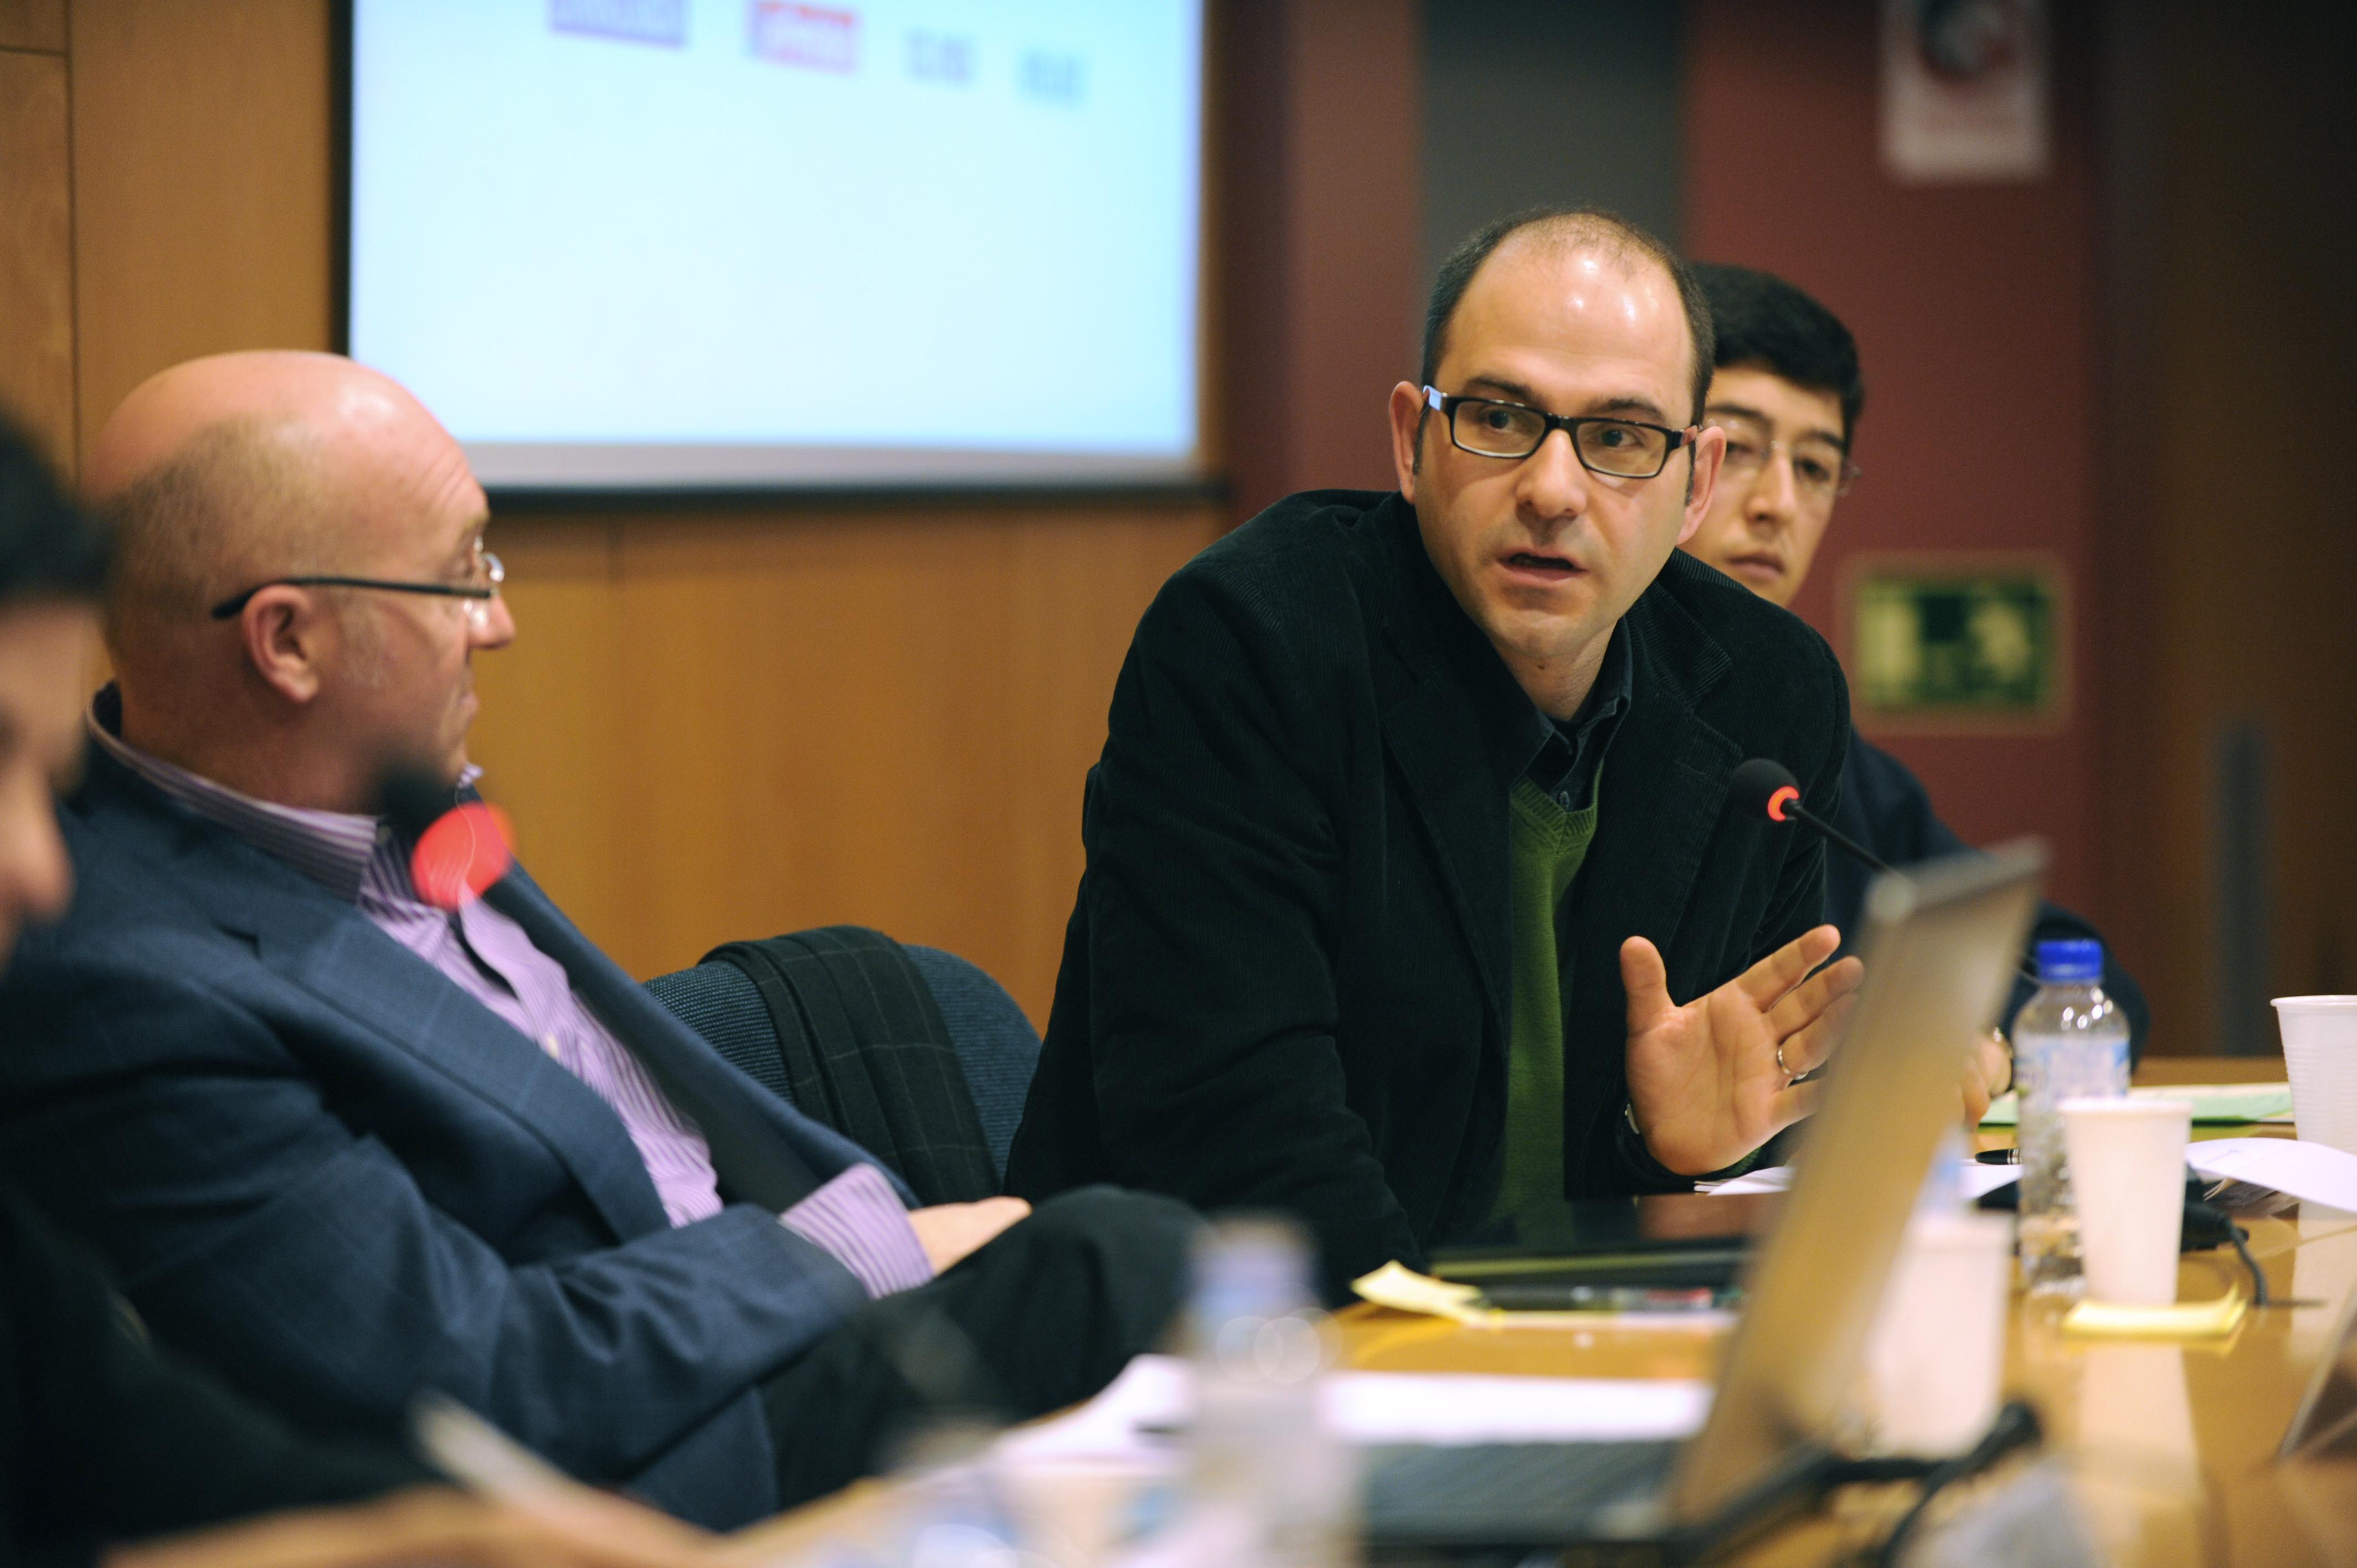 Josep-Oriol Escardíbul